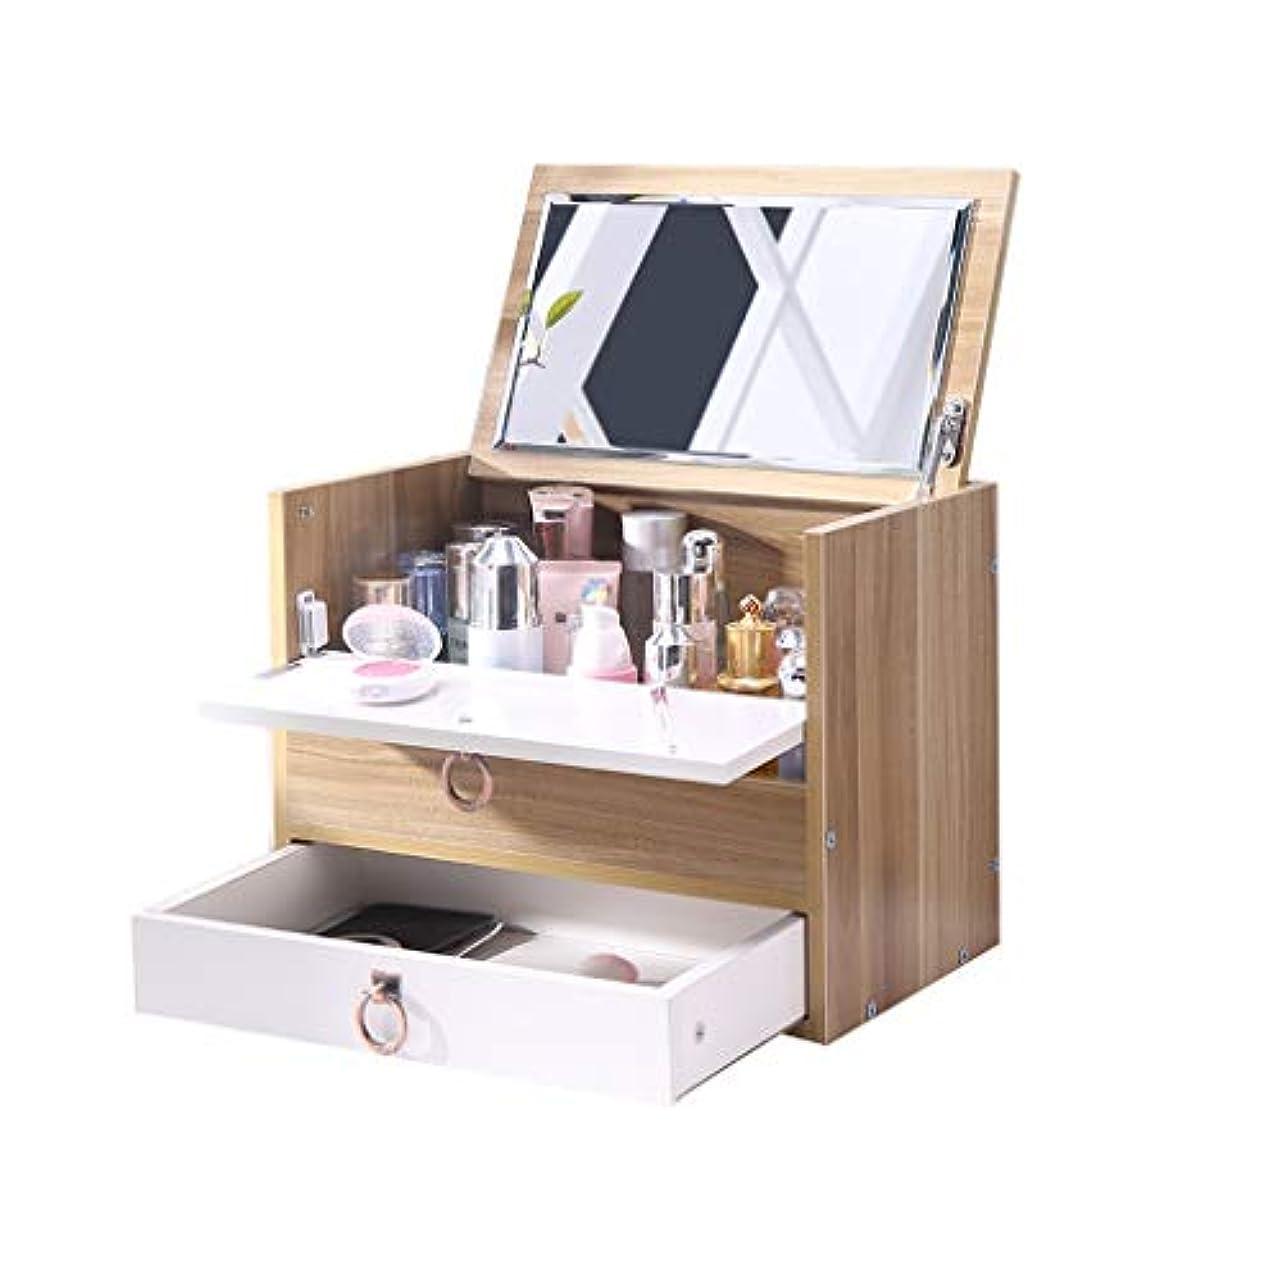 リーガン二十臨検ミラーの引出しフレームの櫛のテーブルの化粧箱が付いている木の化粧品の収納箱の卓上